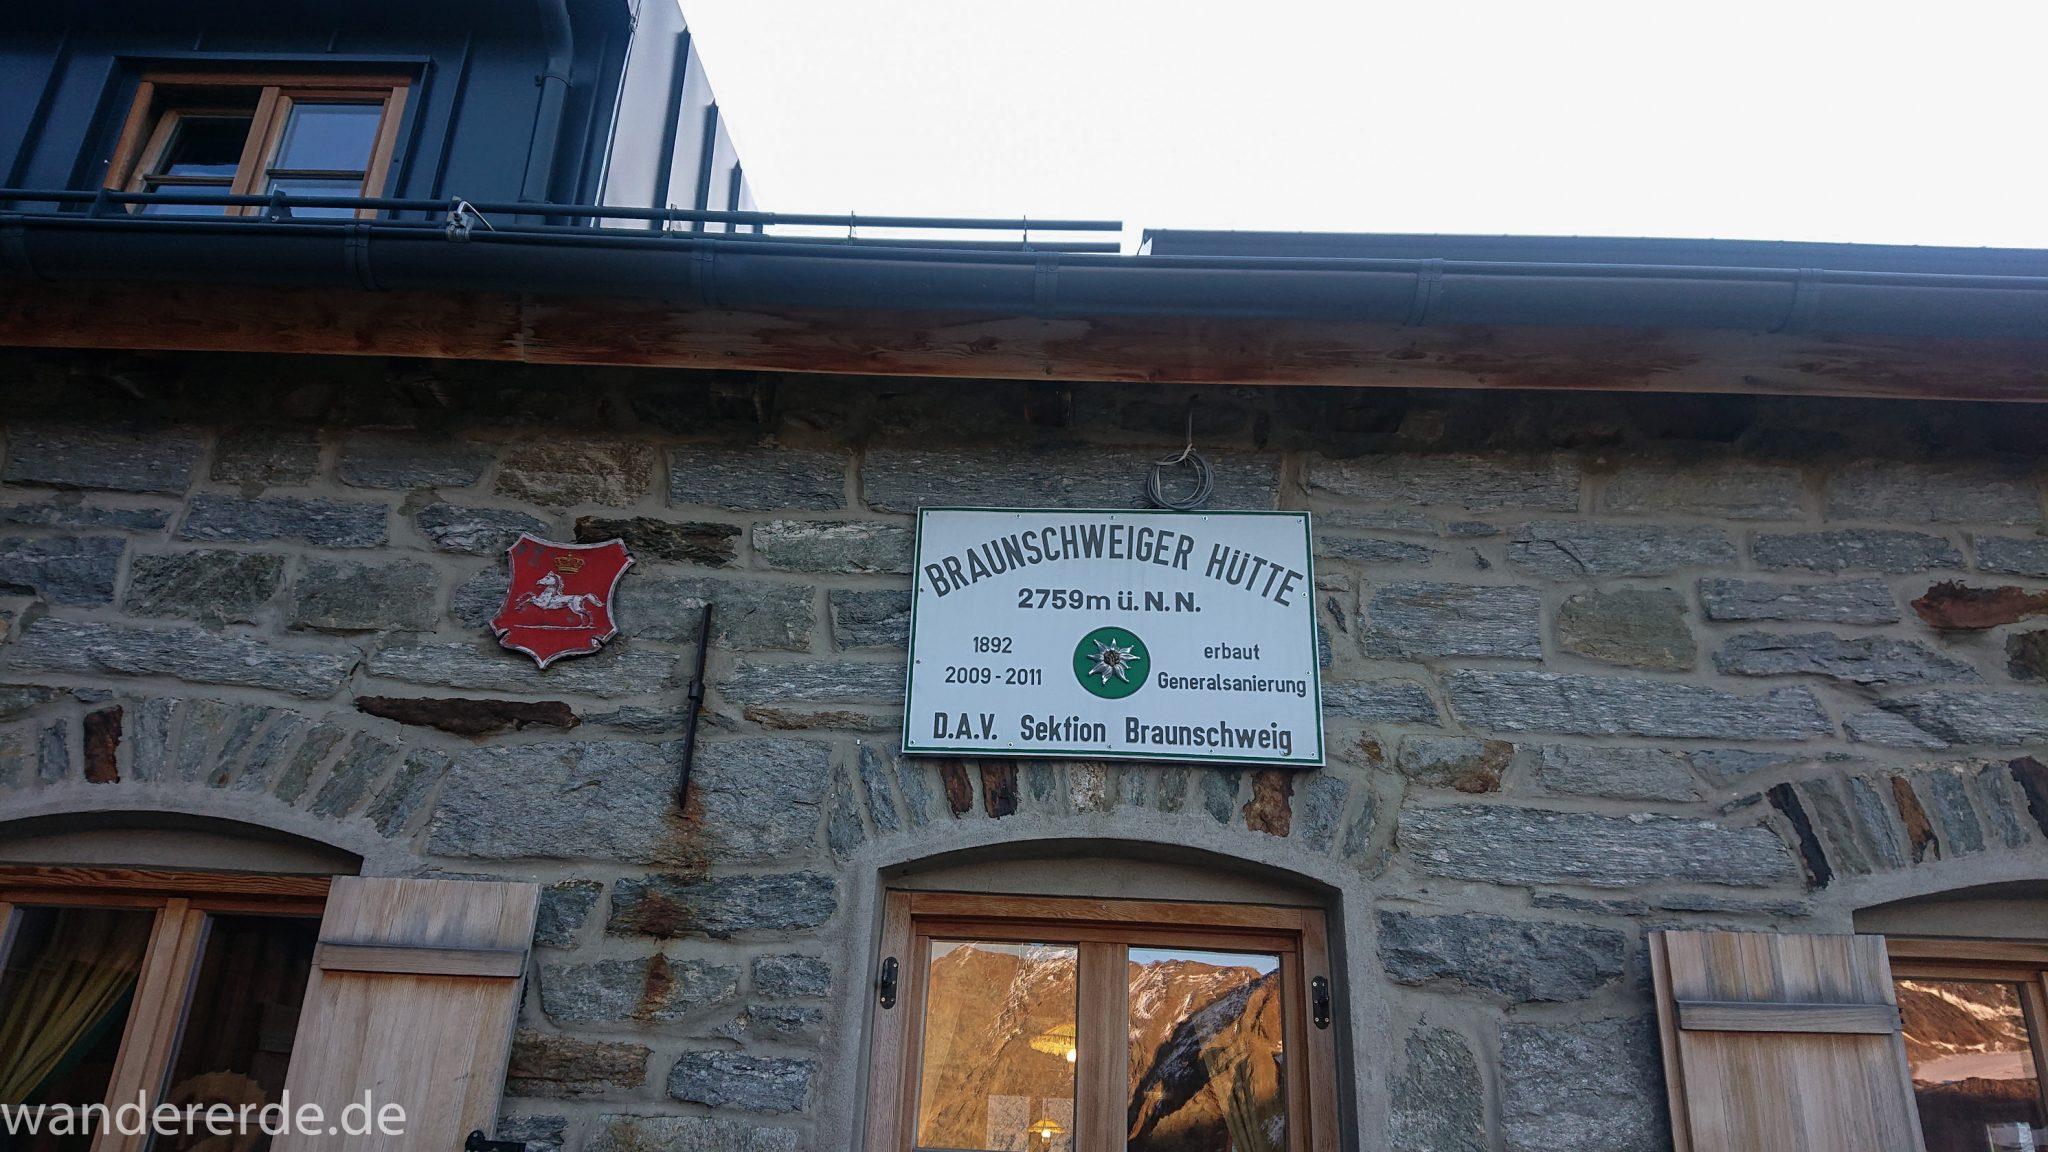 Alpenüberquerung Fernwanderweg E5 Oberstdorf Meran, 5. Etappe von Braunschweiger Hütte zur Martin-Busch-Hütte, Blick auf Braunschweiger Hütte in 2759 Meter Höhe